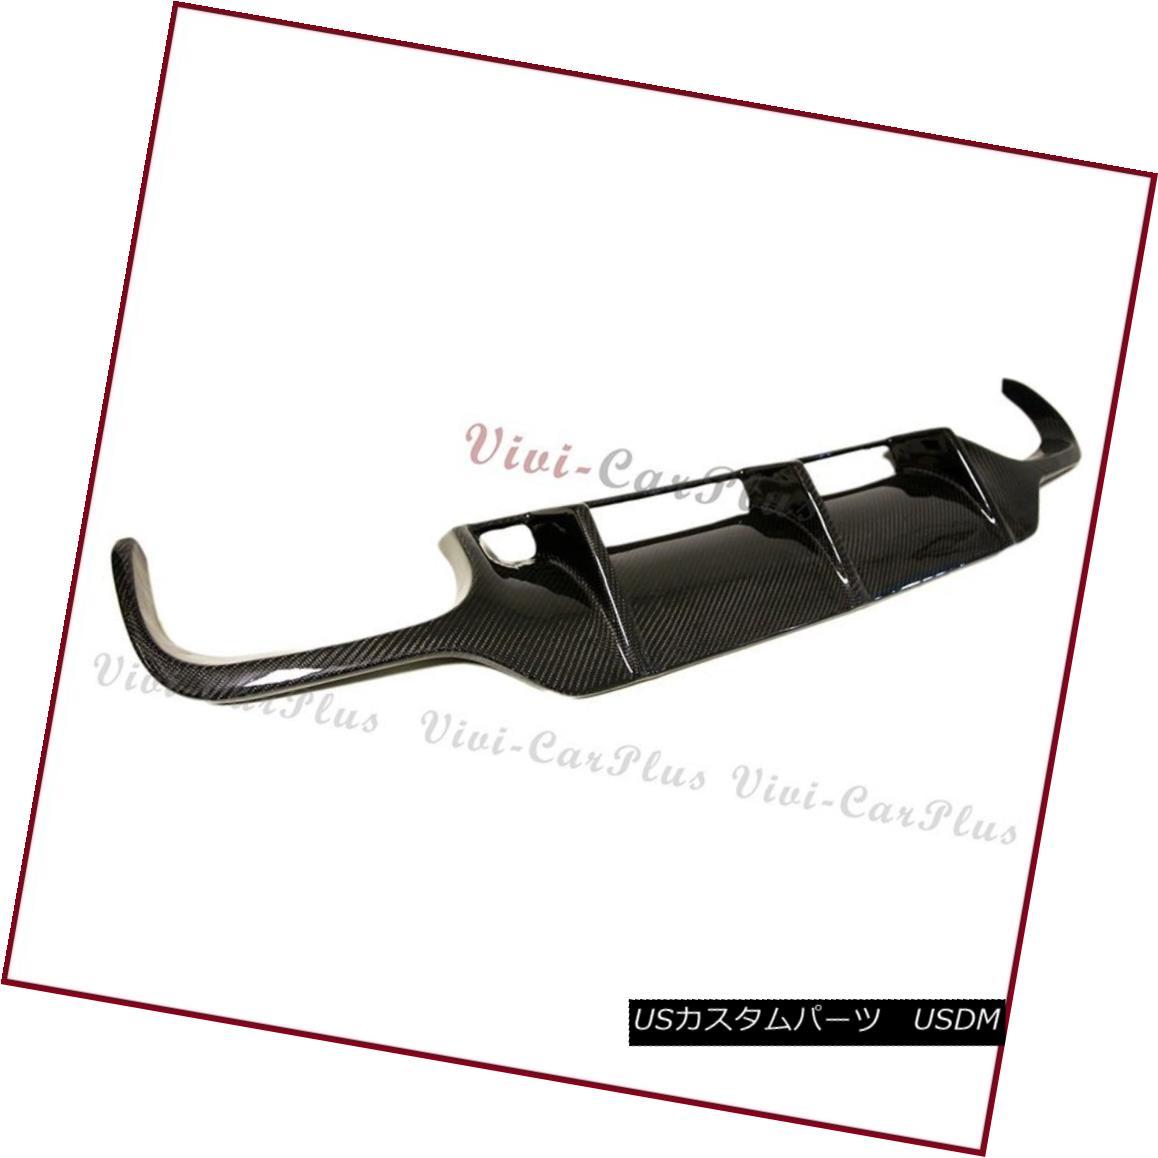 エアロパーツ 3K Carbon Fiber Rear Replaced Diffuser Fit 09-12 BENZ R230 SL63AMG Bumper Model 3Kカーボンファイバーリアディフューザーフィット09-12ベンツR230 SL63AMGバンパーモデル